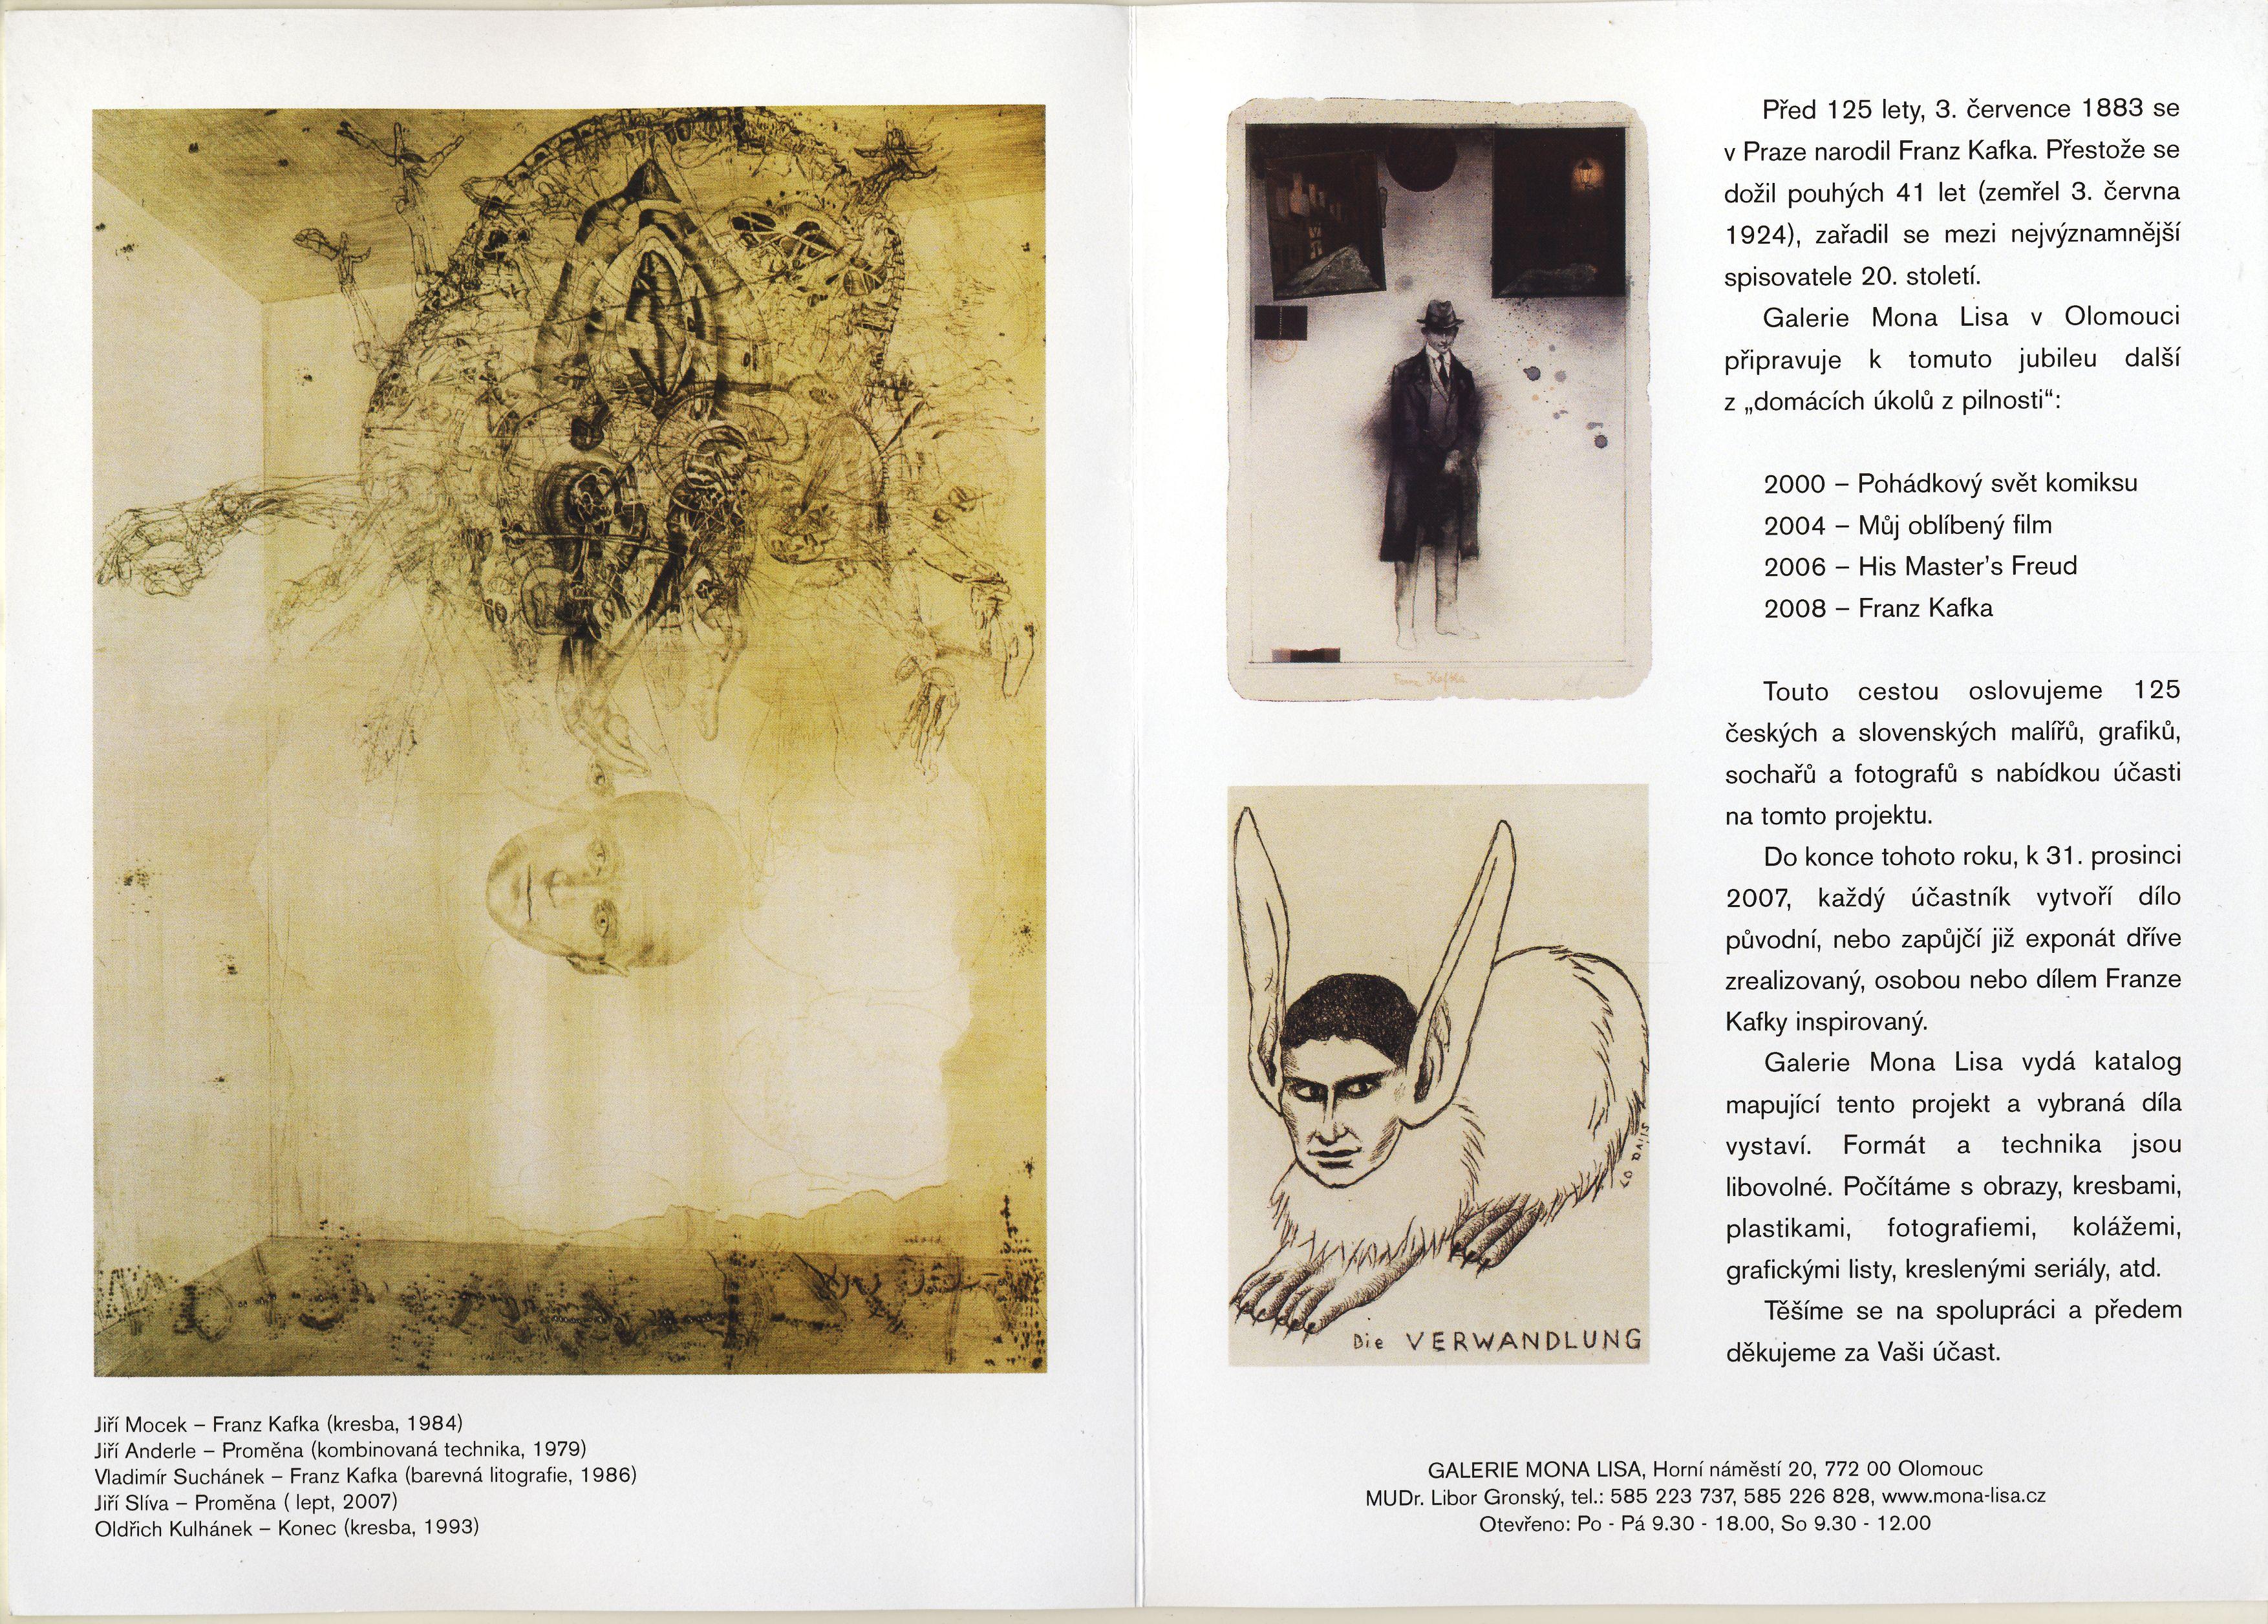 Pozvanka F Kafka Vystava Sliva Kulhanek Anderle Suchanek Mocek 2007